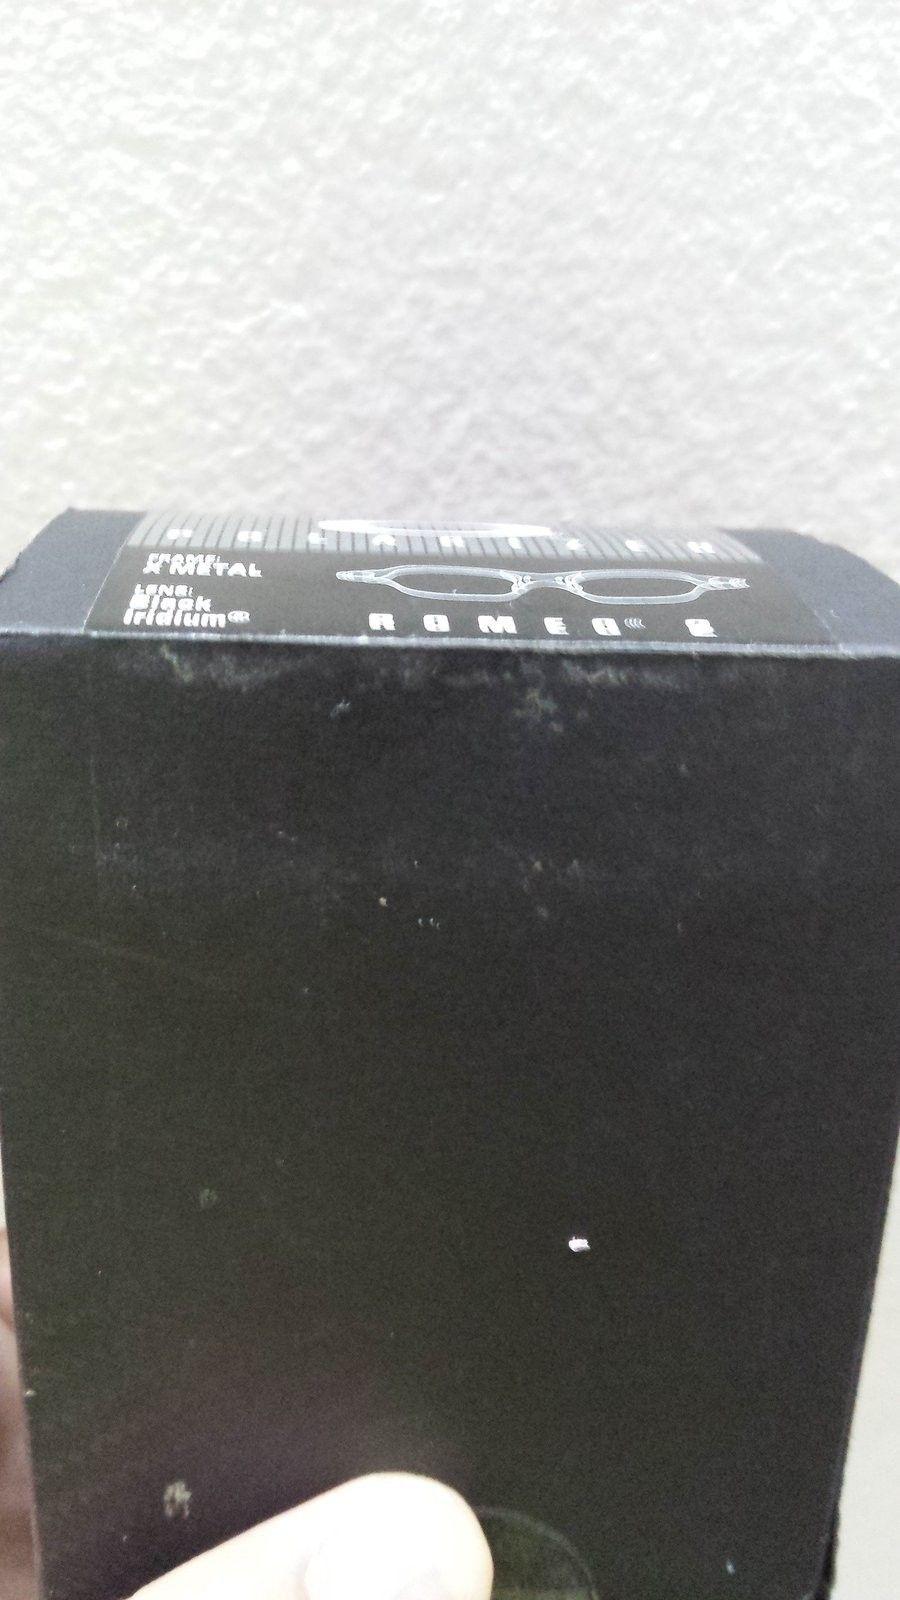 Oakley Romeo 2 - uploadfromtaptalk1436153361964.jpg